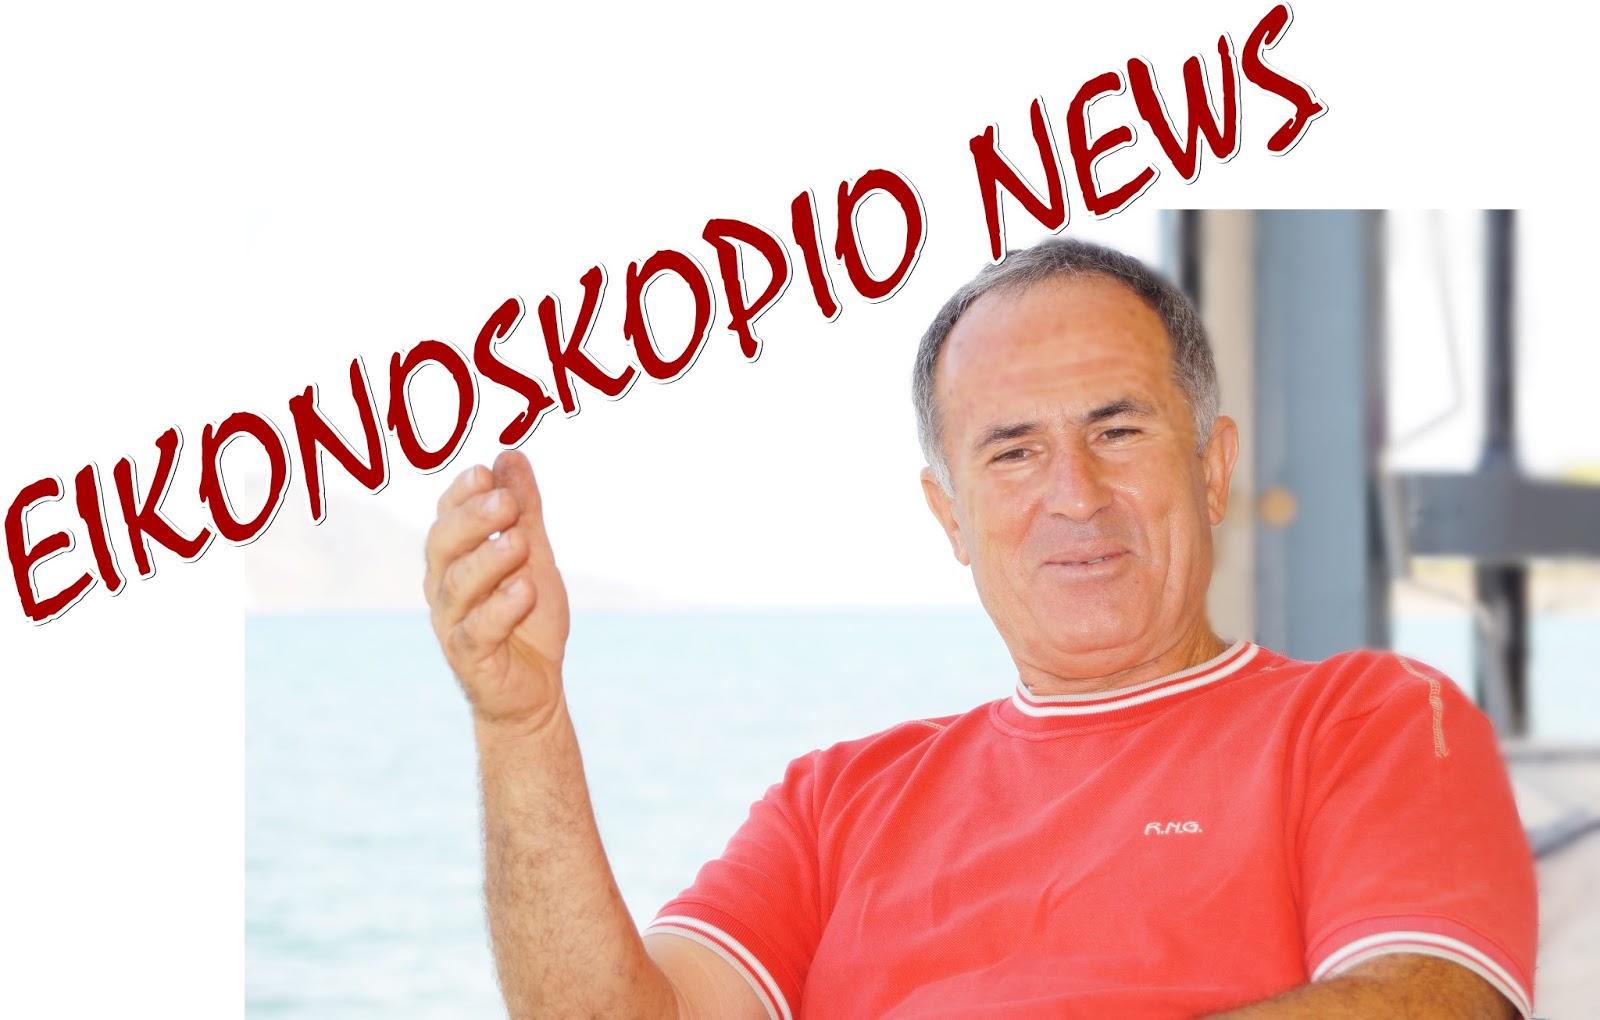 Εικονοσκόπιο News  ΠΑΥΛΟΣ ΔΑΓΡΕΣ  Σκάνδαλο στην Ερμιονίδα 2cf65d00814